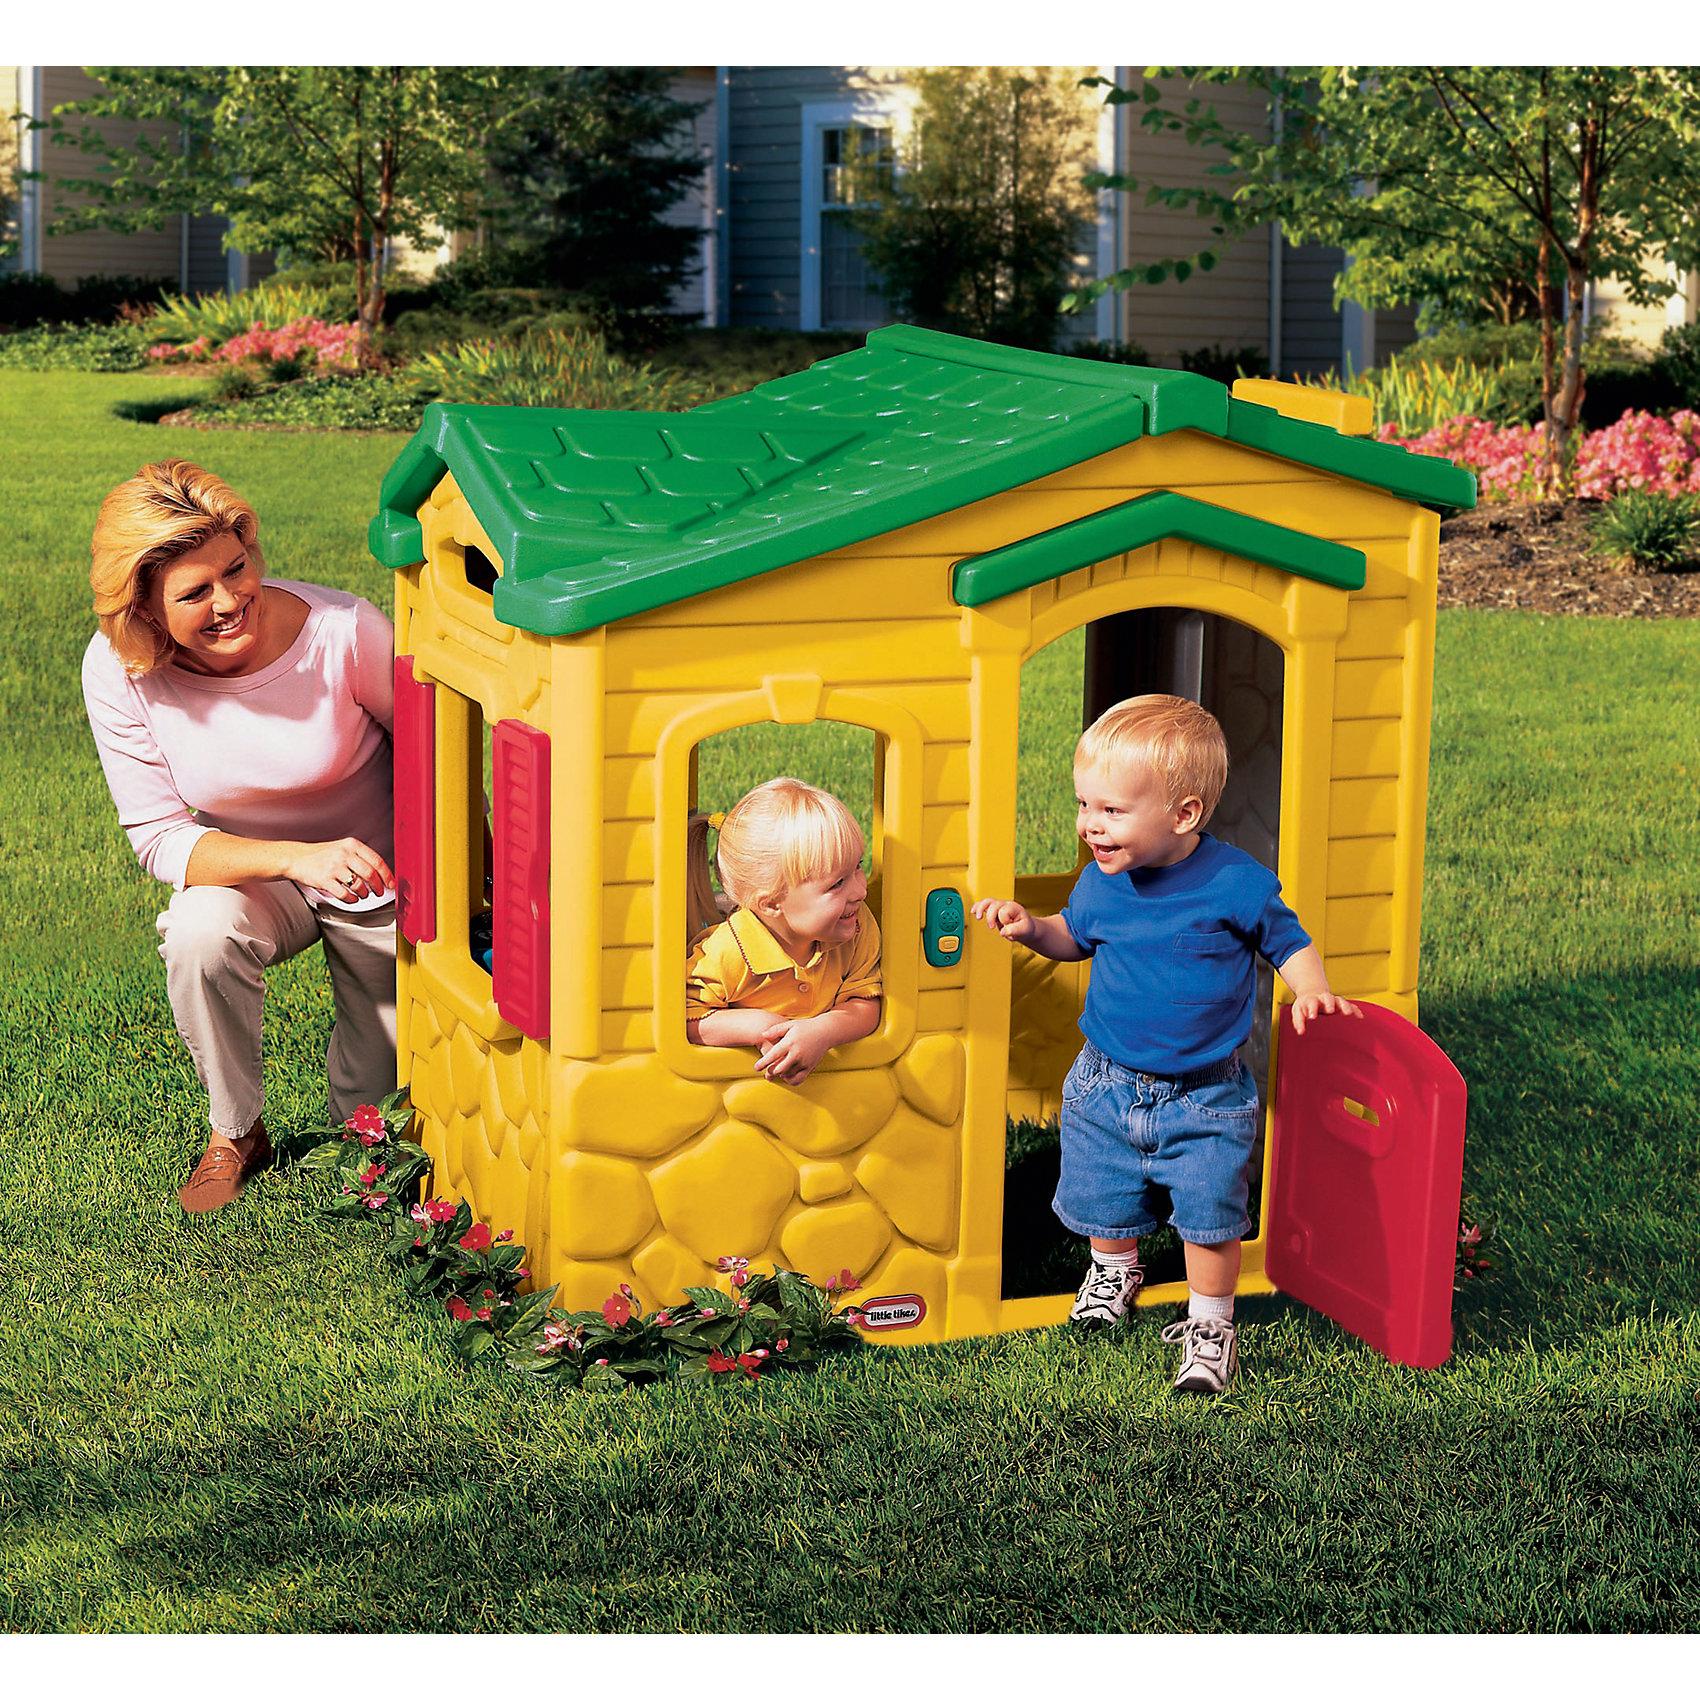 Игровой домик Волшебный звонок, Little TikesДомики и мебель<br>Замечательный домик для малышей от 1,5 лет, изготовлен из ярких качественных материалов, есть звонок с 6-ю различными мелодиями (батарейки не входят в комплект), со ставнями, с легко открывающейся дверью, в которой есть <br>даже прорезь для почты. Домик достаточно вместительный  для того, чтобы малыш смог пригласить в гости друзей или разместить свои любимые игрушки. Для детей от 1,5 до 5-х лет. Размеры домика: 128 х 94 х 121 см (длина, ширина, высота). Размеры упаковки: 114 х 39 х 118. Вес упаковки: 31 кг. Объем упаковки: 0,56 м3.<br><br>Ширина мм: 1140<br>Глубина мм: 400<br>Высота мм: 1190<br>Вес г: 303726<br>Возраст от месяцев: 180<br>Возраст до месяцев: 60<br>Пол: Унисекс<br>Возраст: Детский<br>SKU: 6853718